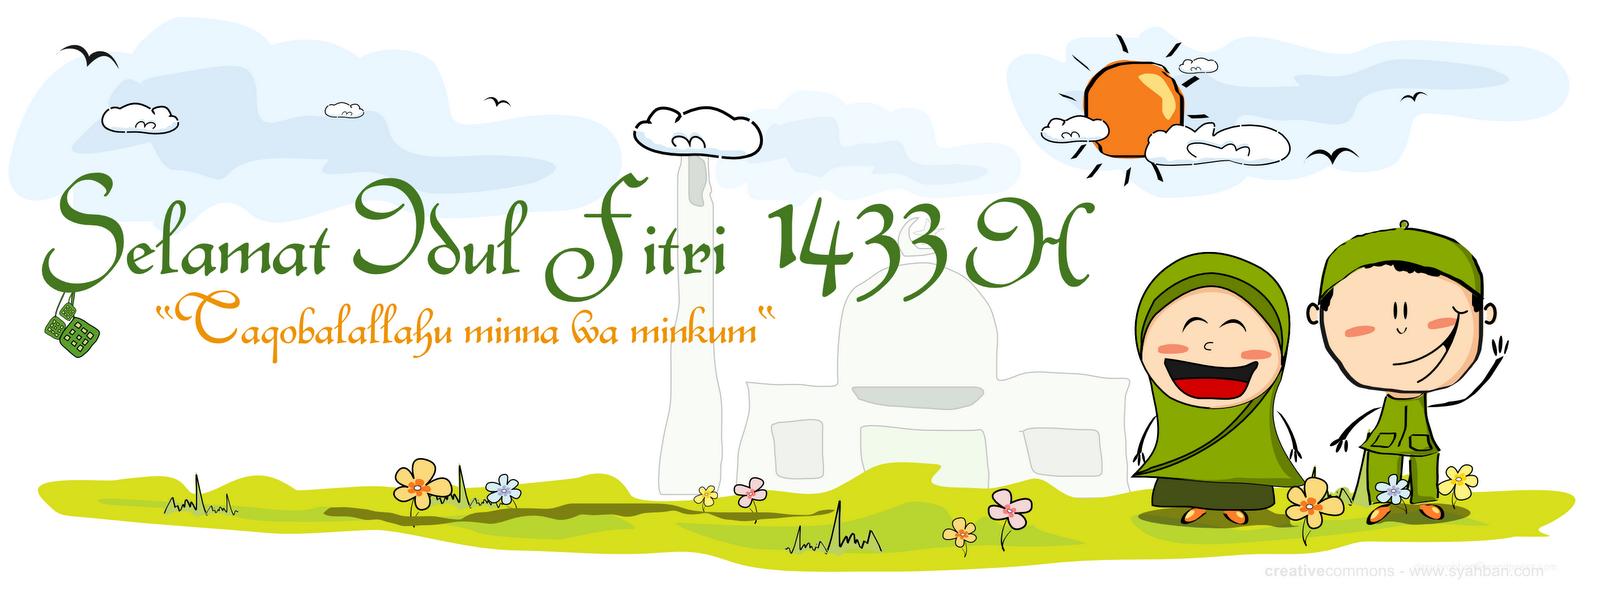 Selamat Hari Raya Lebaran Idul Fitri 1435 H 2014 Laura Butragueo